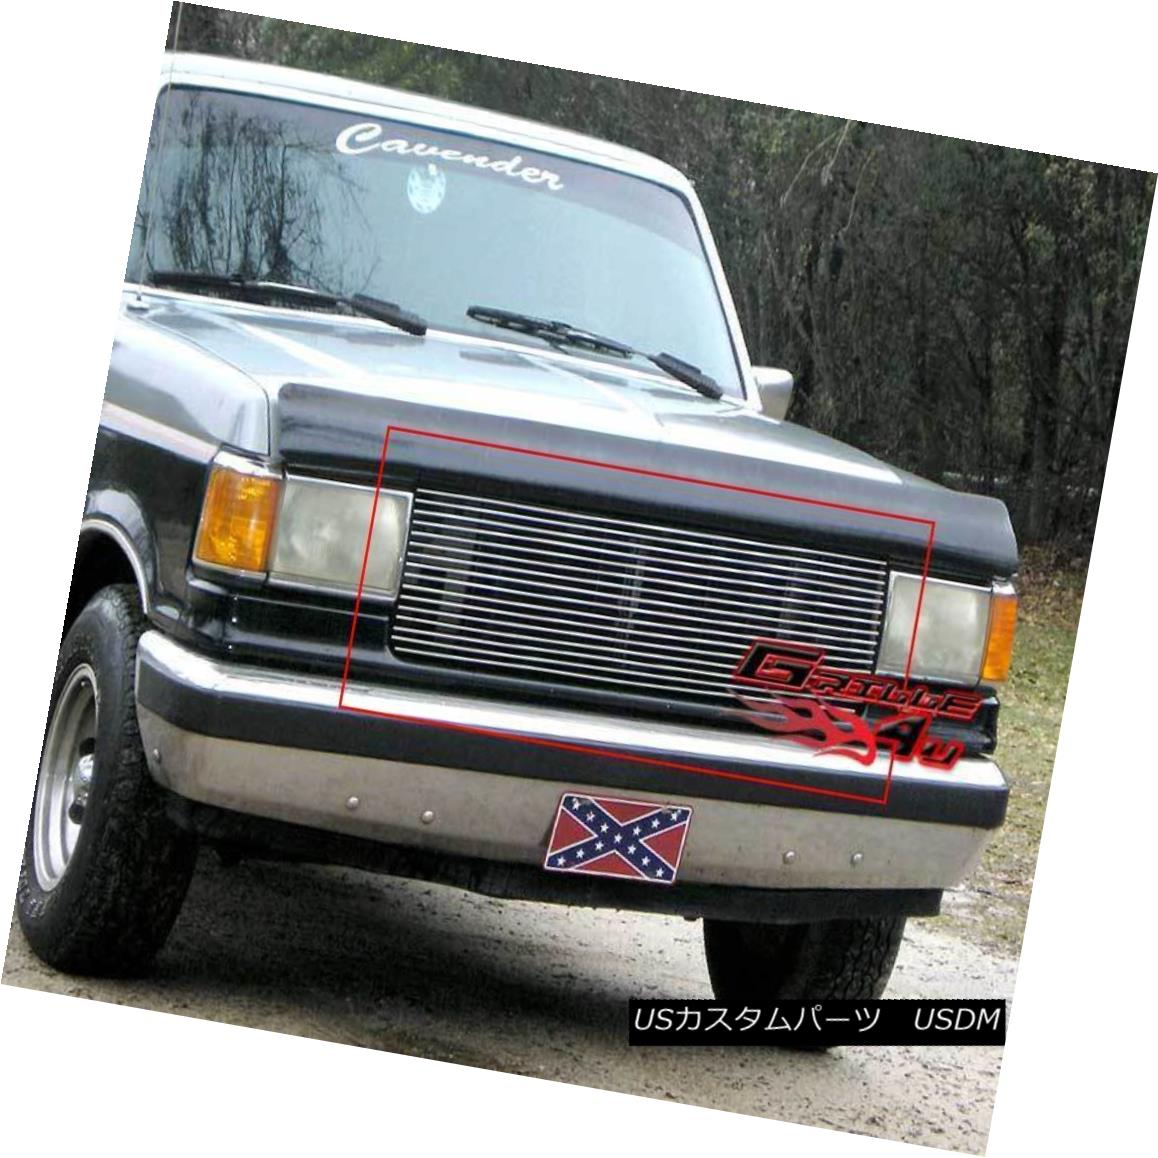 グリル Fits 87-91 Ford Bronco/F-Series Pickup Main Upper Billet Grille Insert フィット87-91 Ford Bronco / F-Serie sピックアップメインアッパービレットグリルインサート